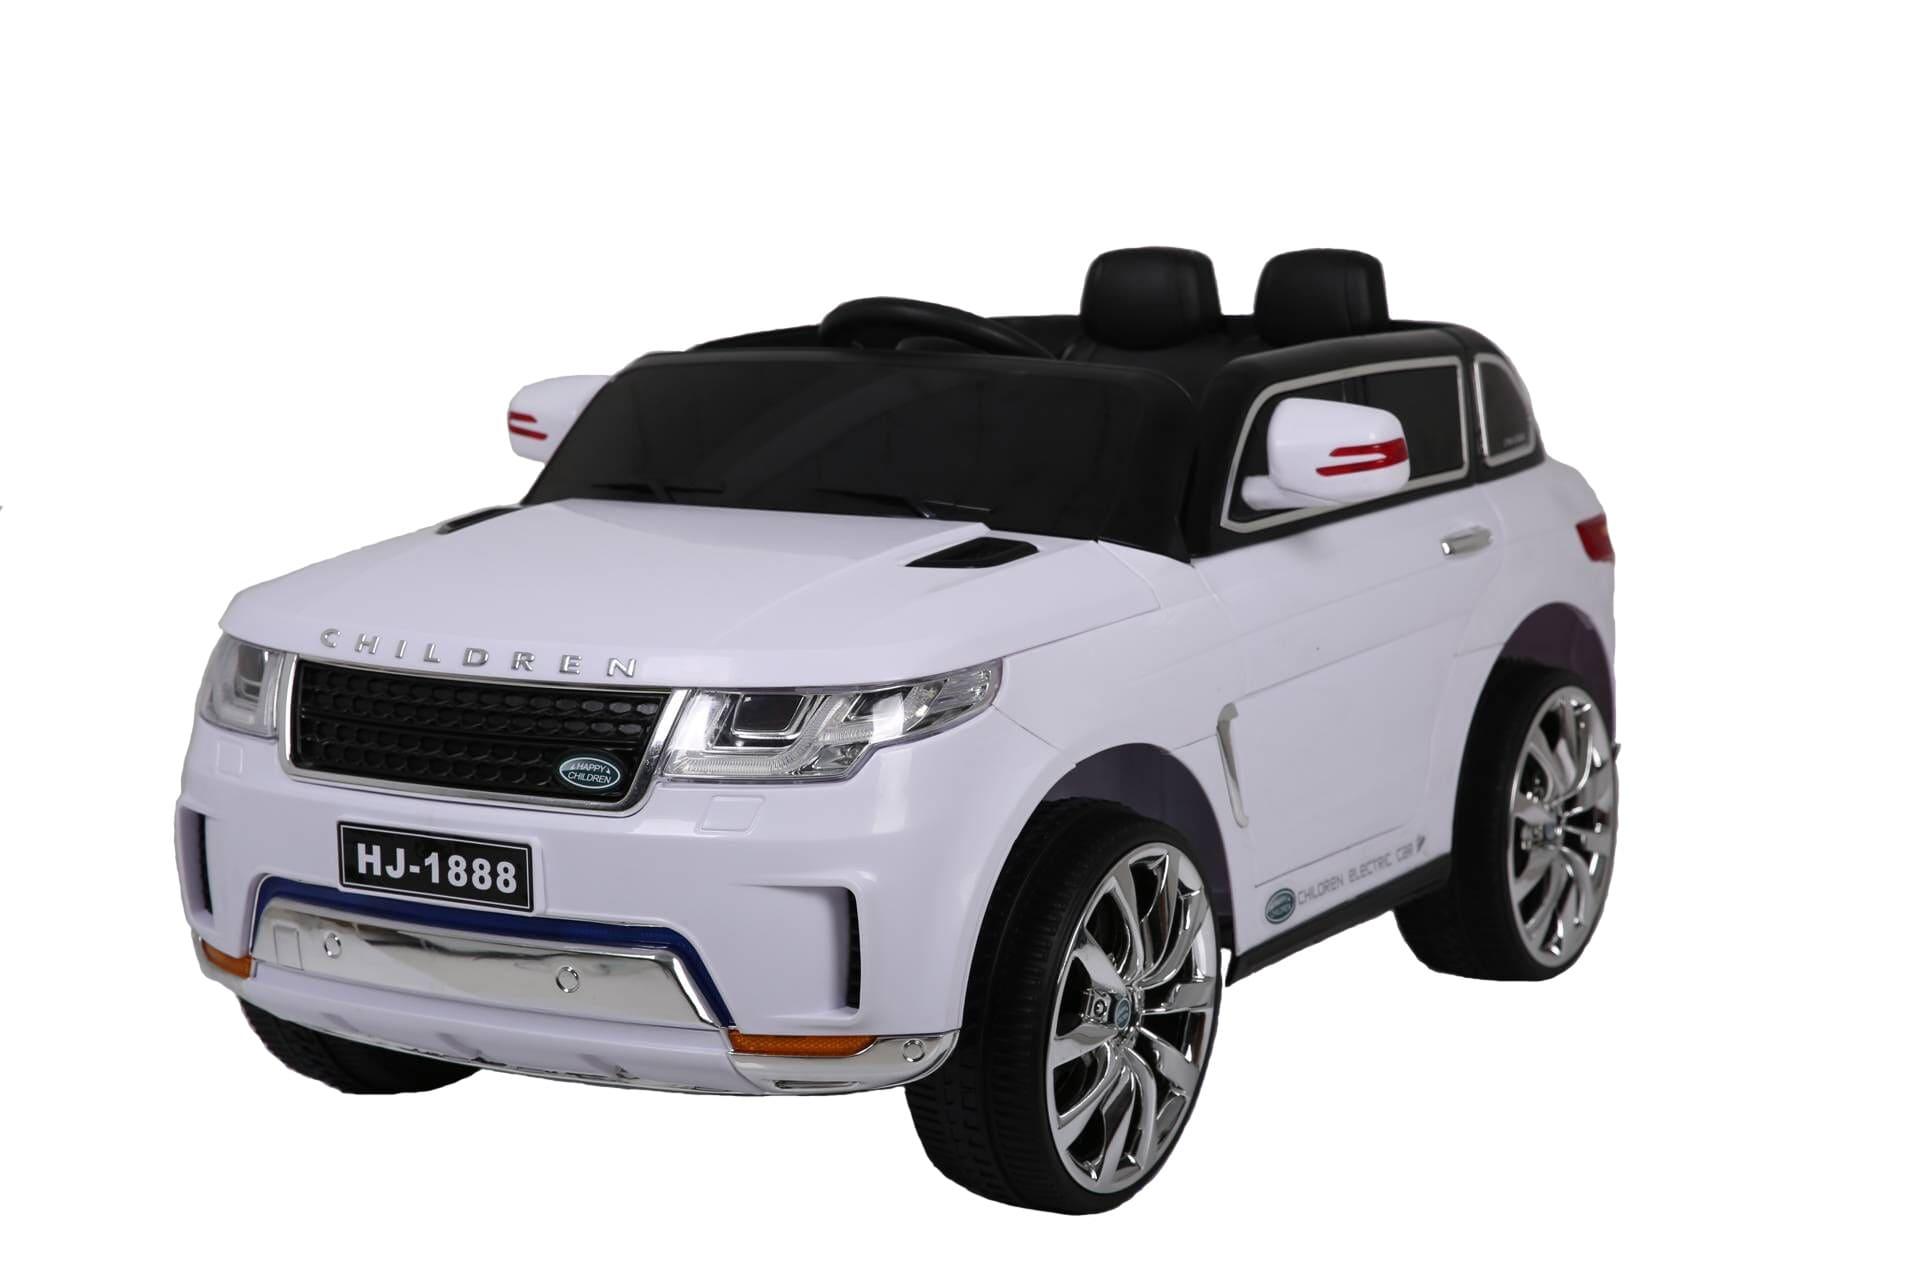 Παιδικό Ηλεκτρικό Αυτοκίνητο-Παιδικά Τετράτροχα